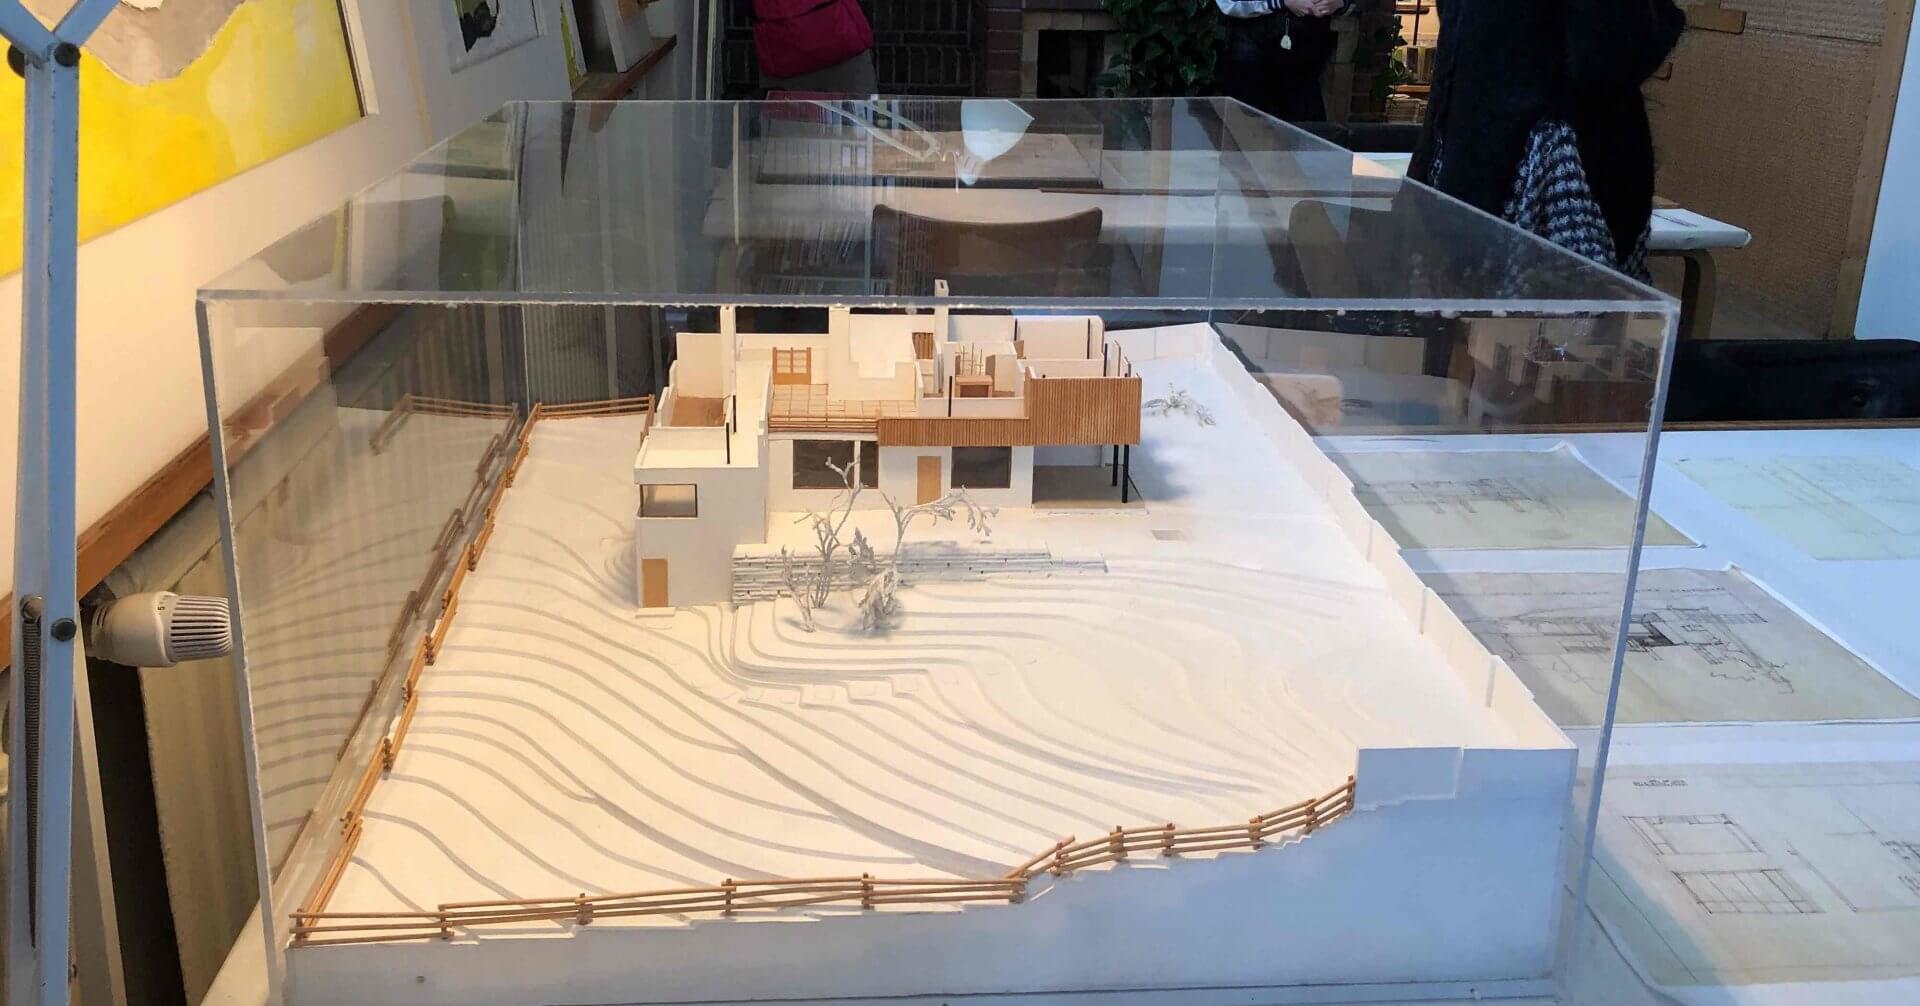 アアルト自邸の模型